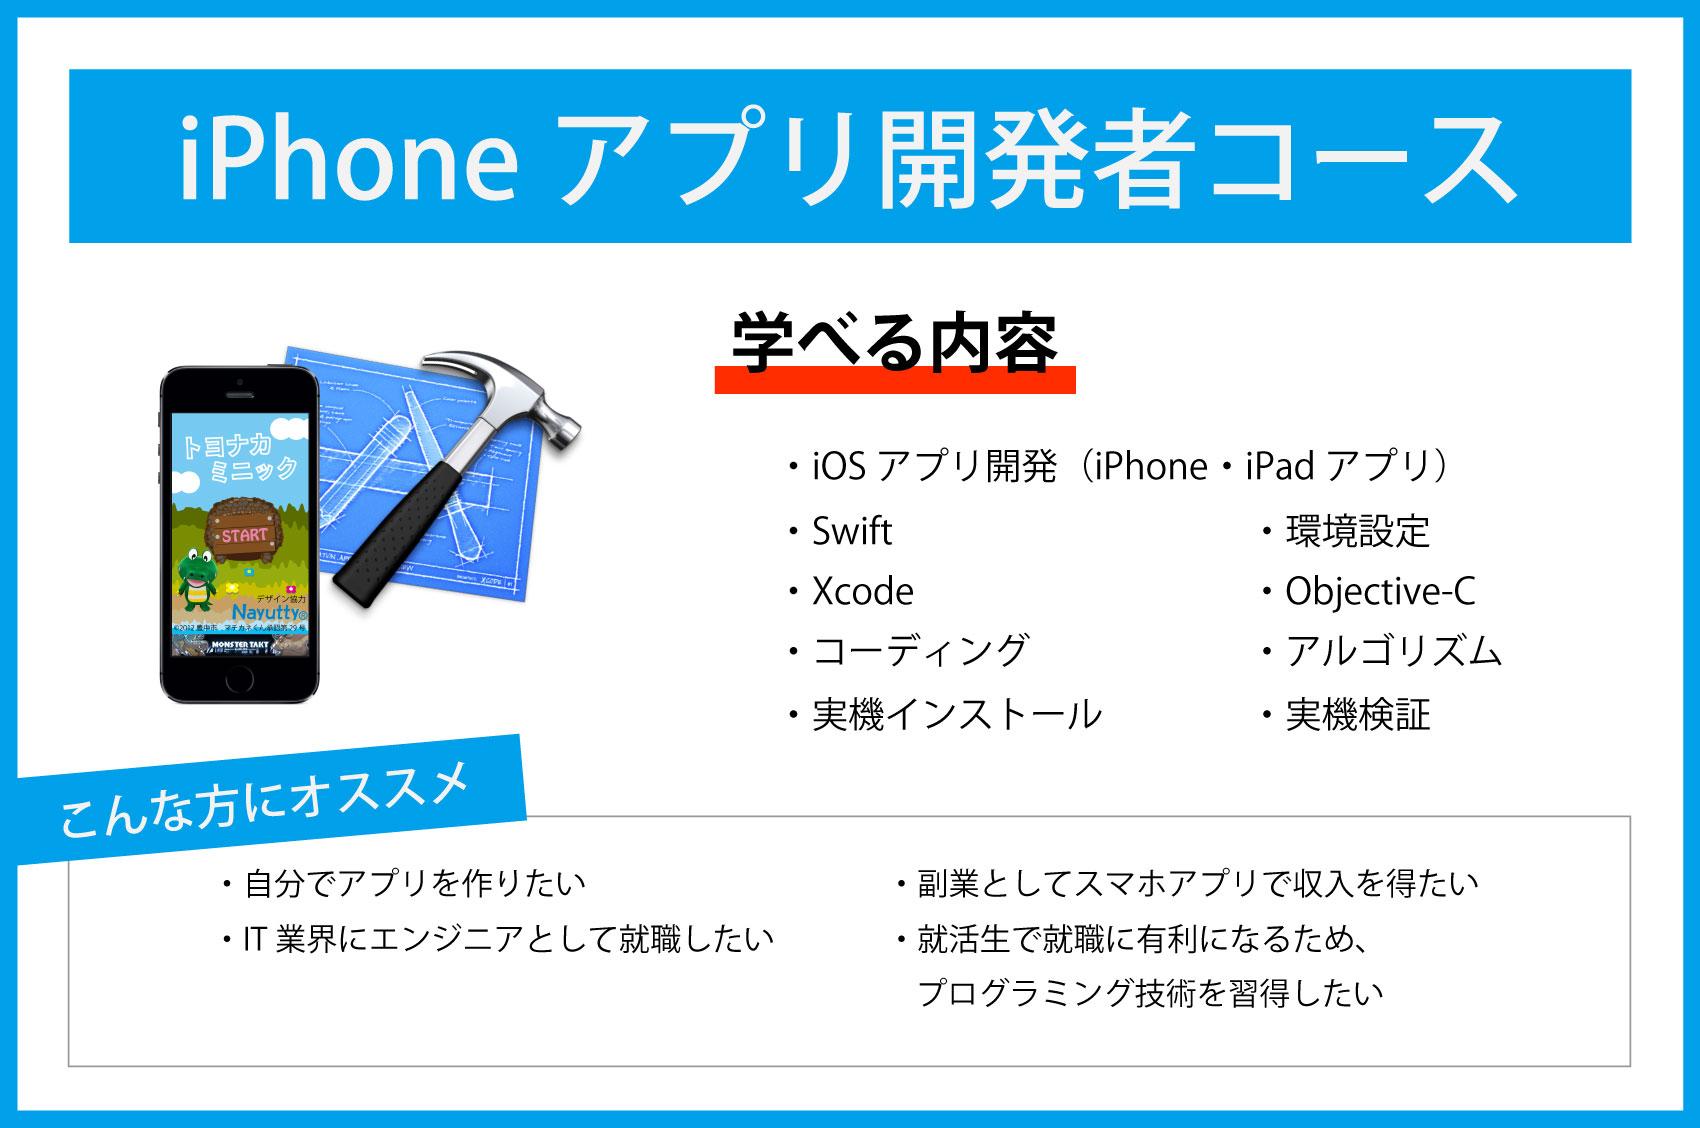 iPhoneアプリ開発者コース内容